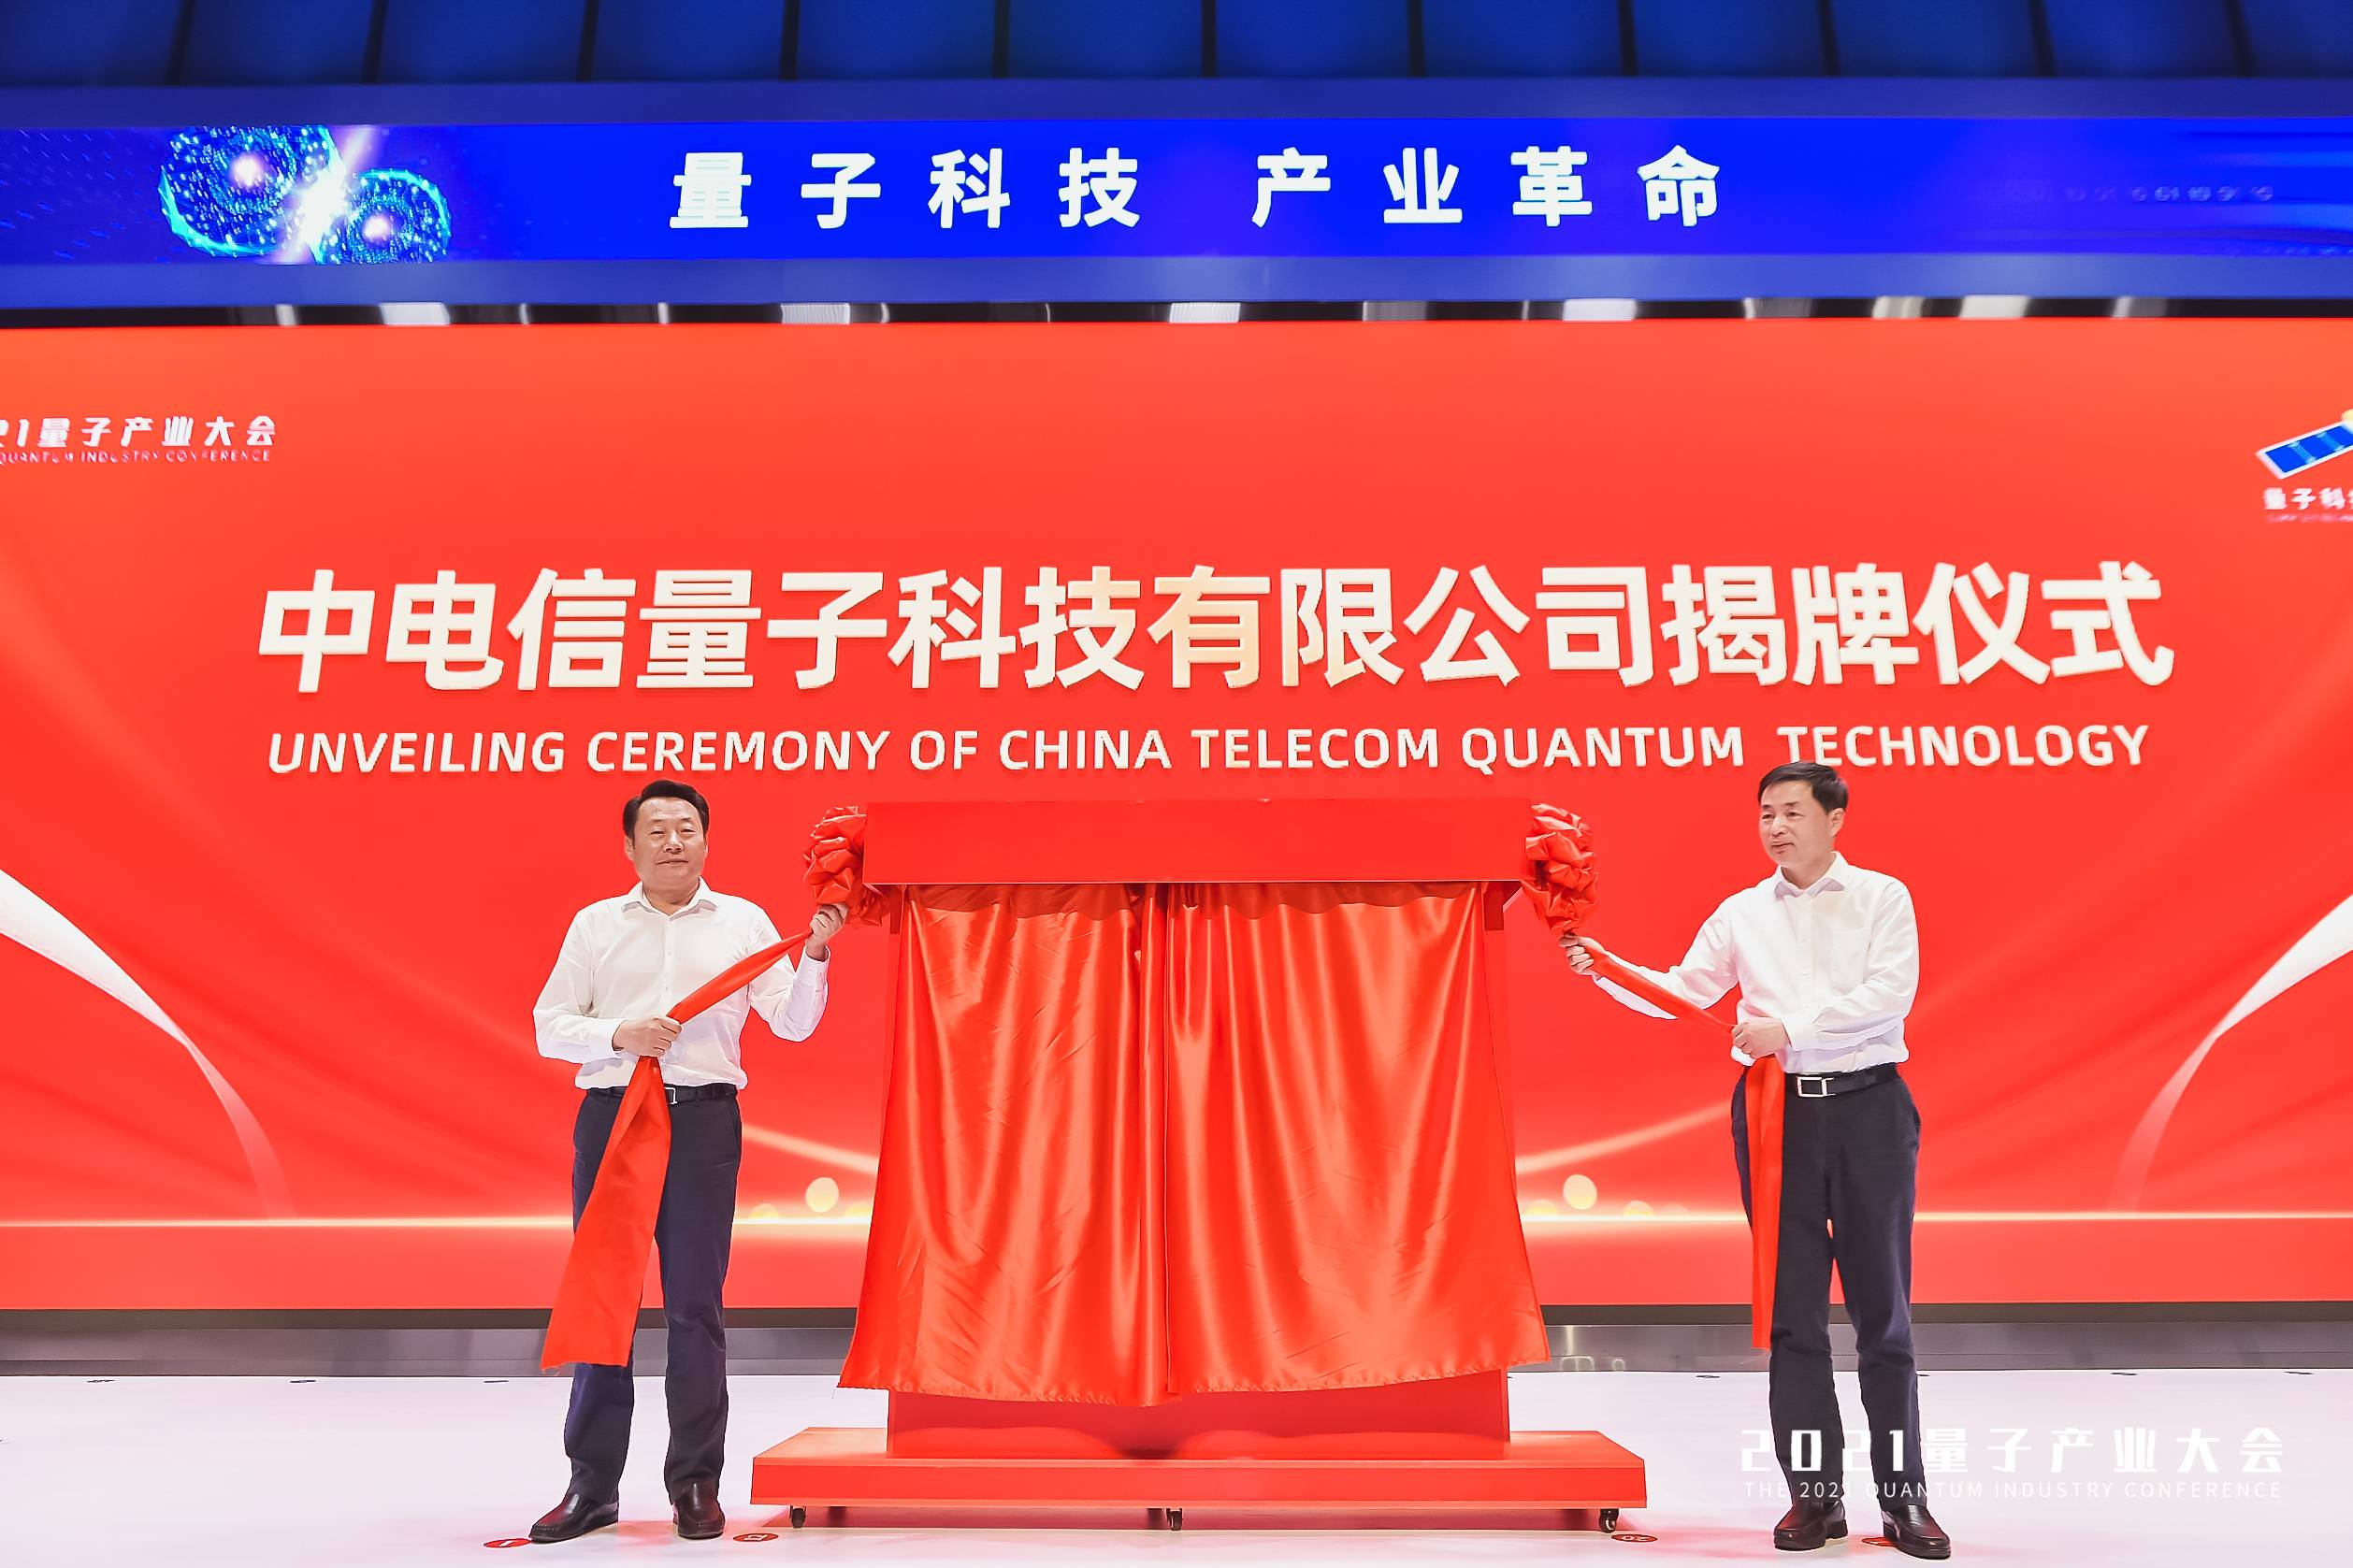 中电信量子公司正式揭牌:由中国电信与国盾量子合资成立